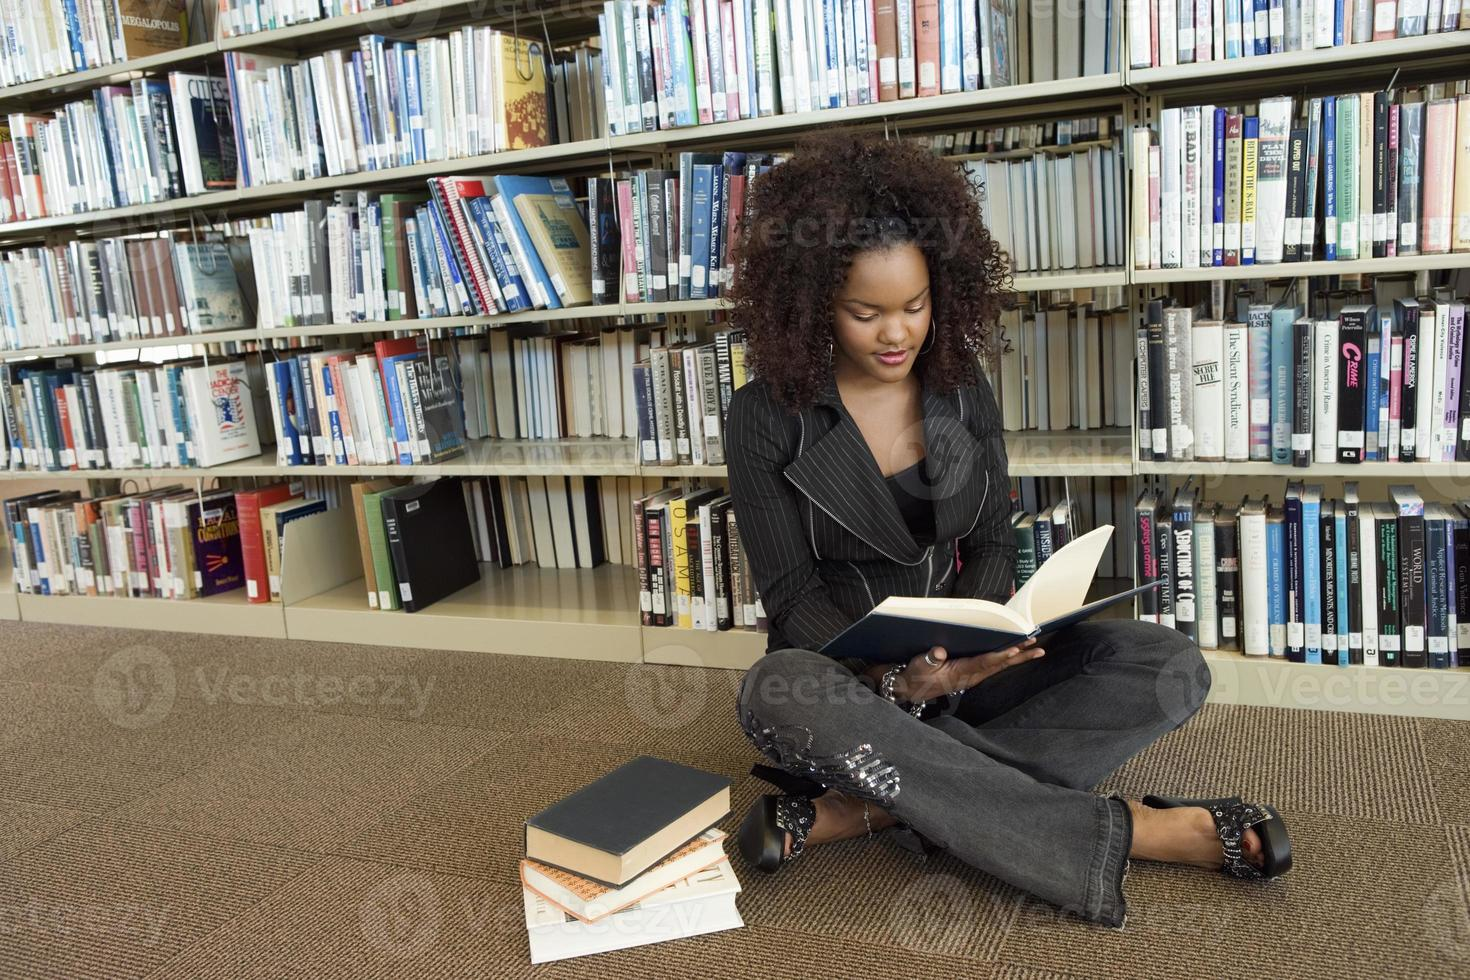 giovane donna in biblioteca foto